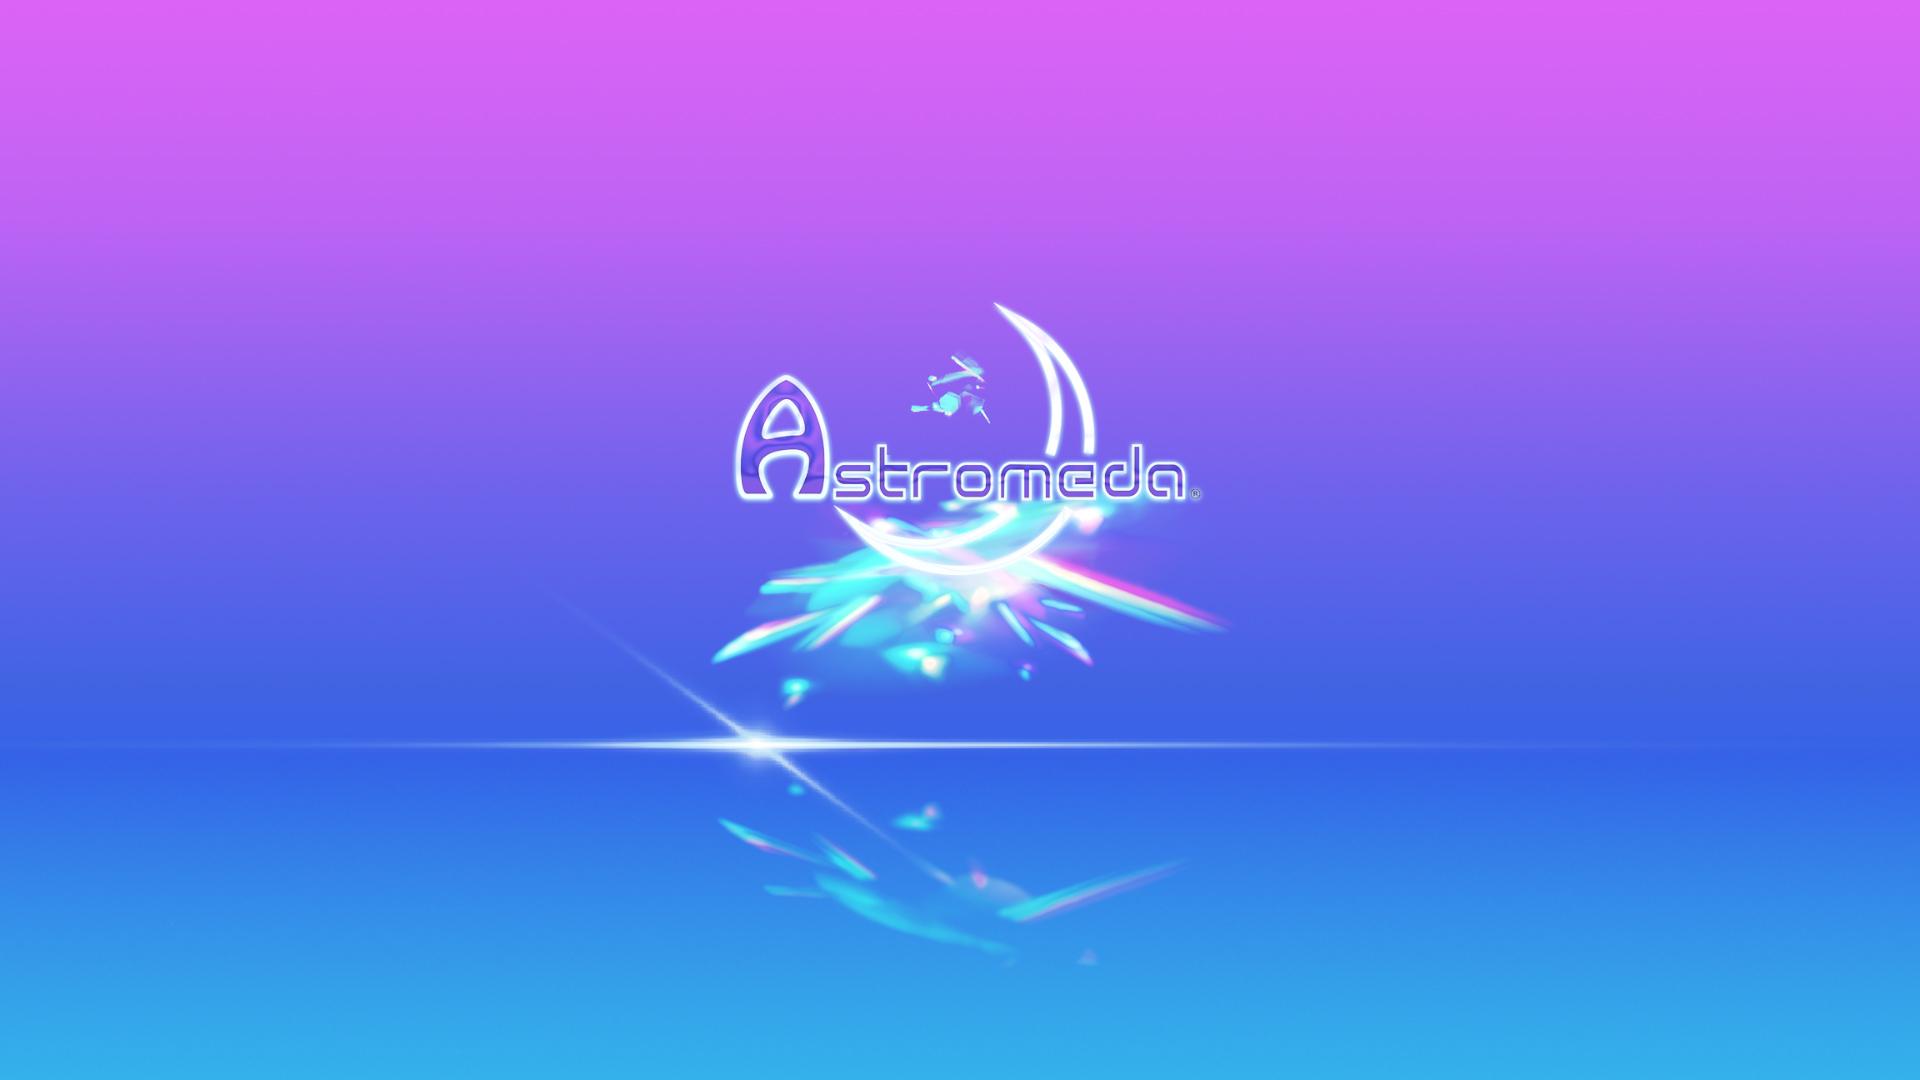 壁紙 V017 紫